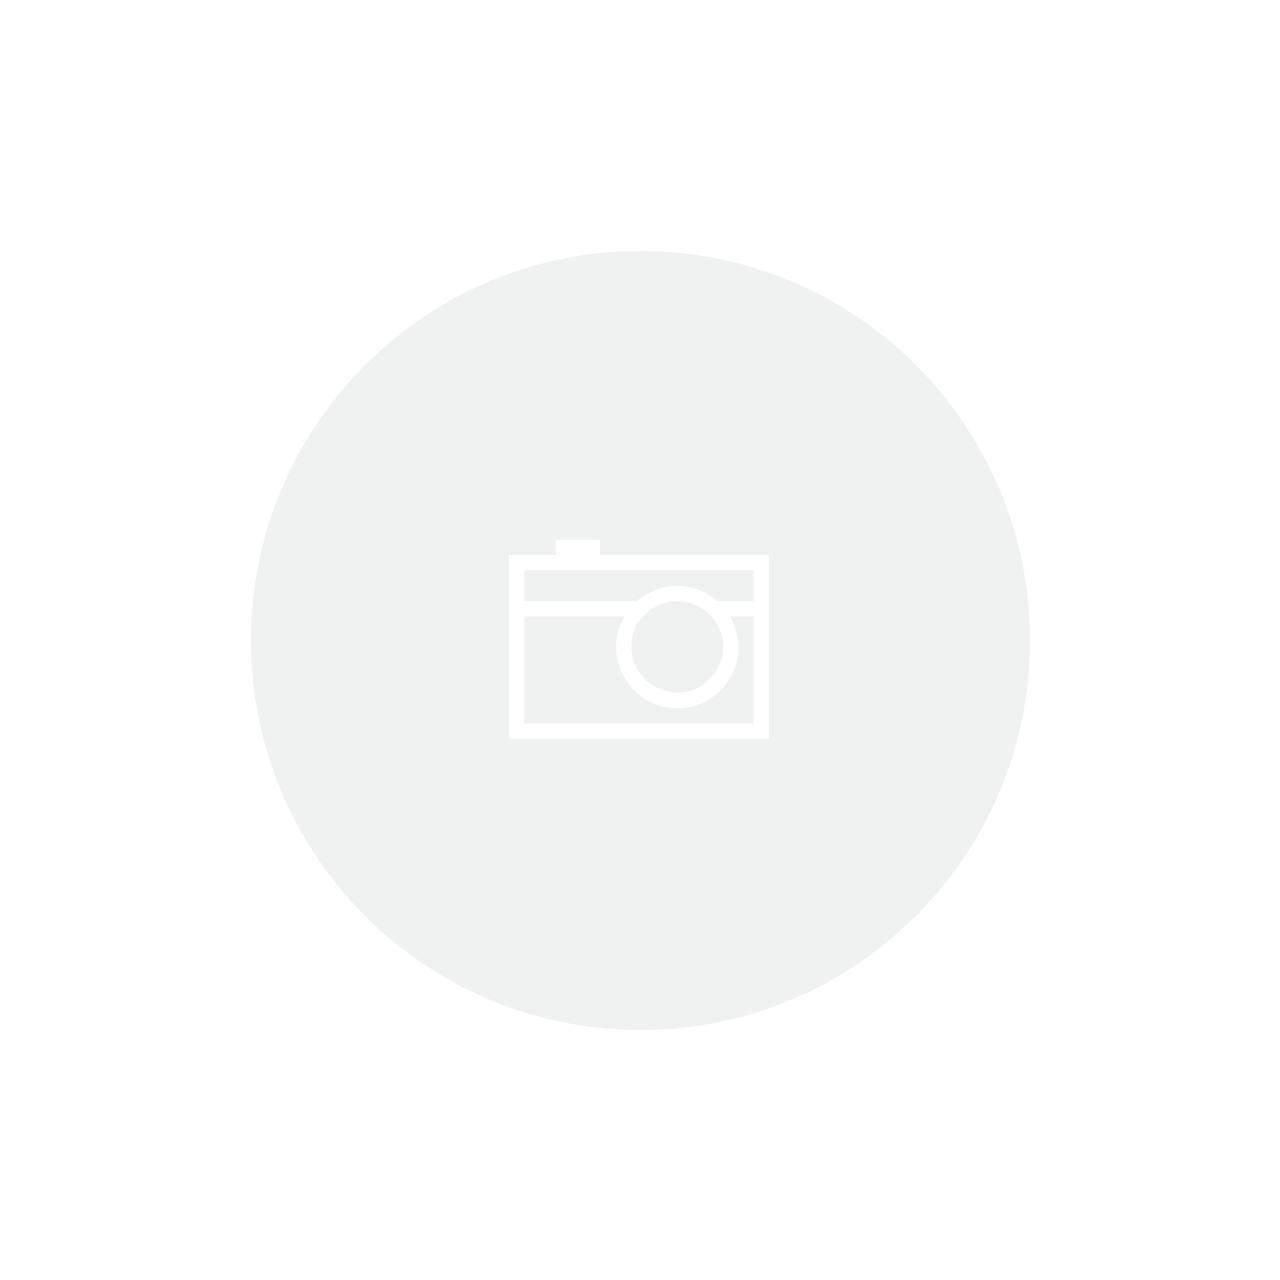 Relé de Estado Sólido 80A - SSR-4880